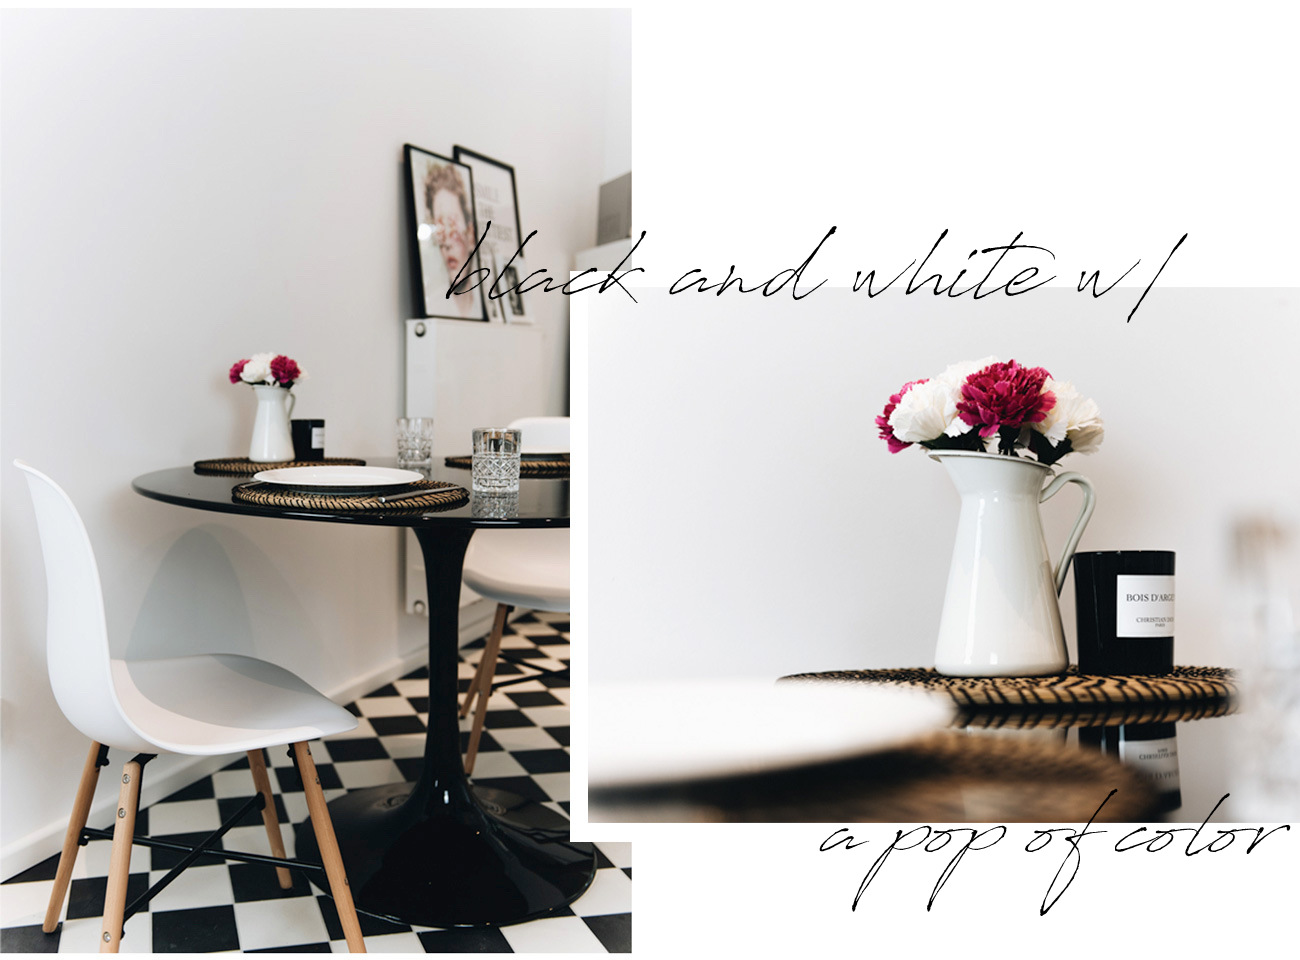 küchen-einrichtung-schwarz-weiß-schachbrett-fußboden-muster-nina-schwichtenberg-fashiioncarpet